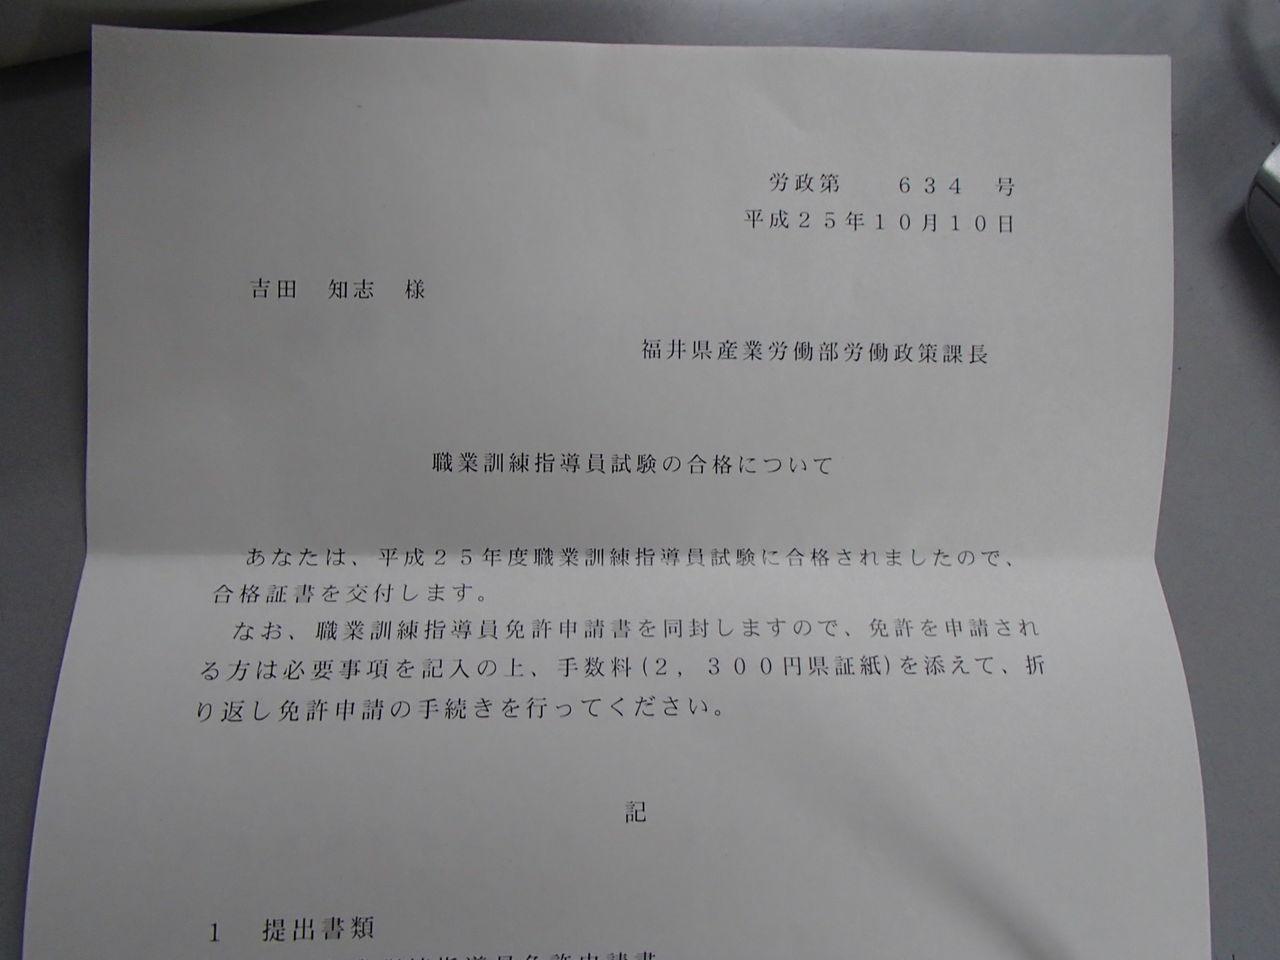 nvada.com - 新潟県職業能力開発協会